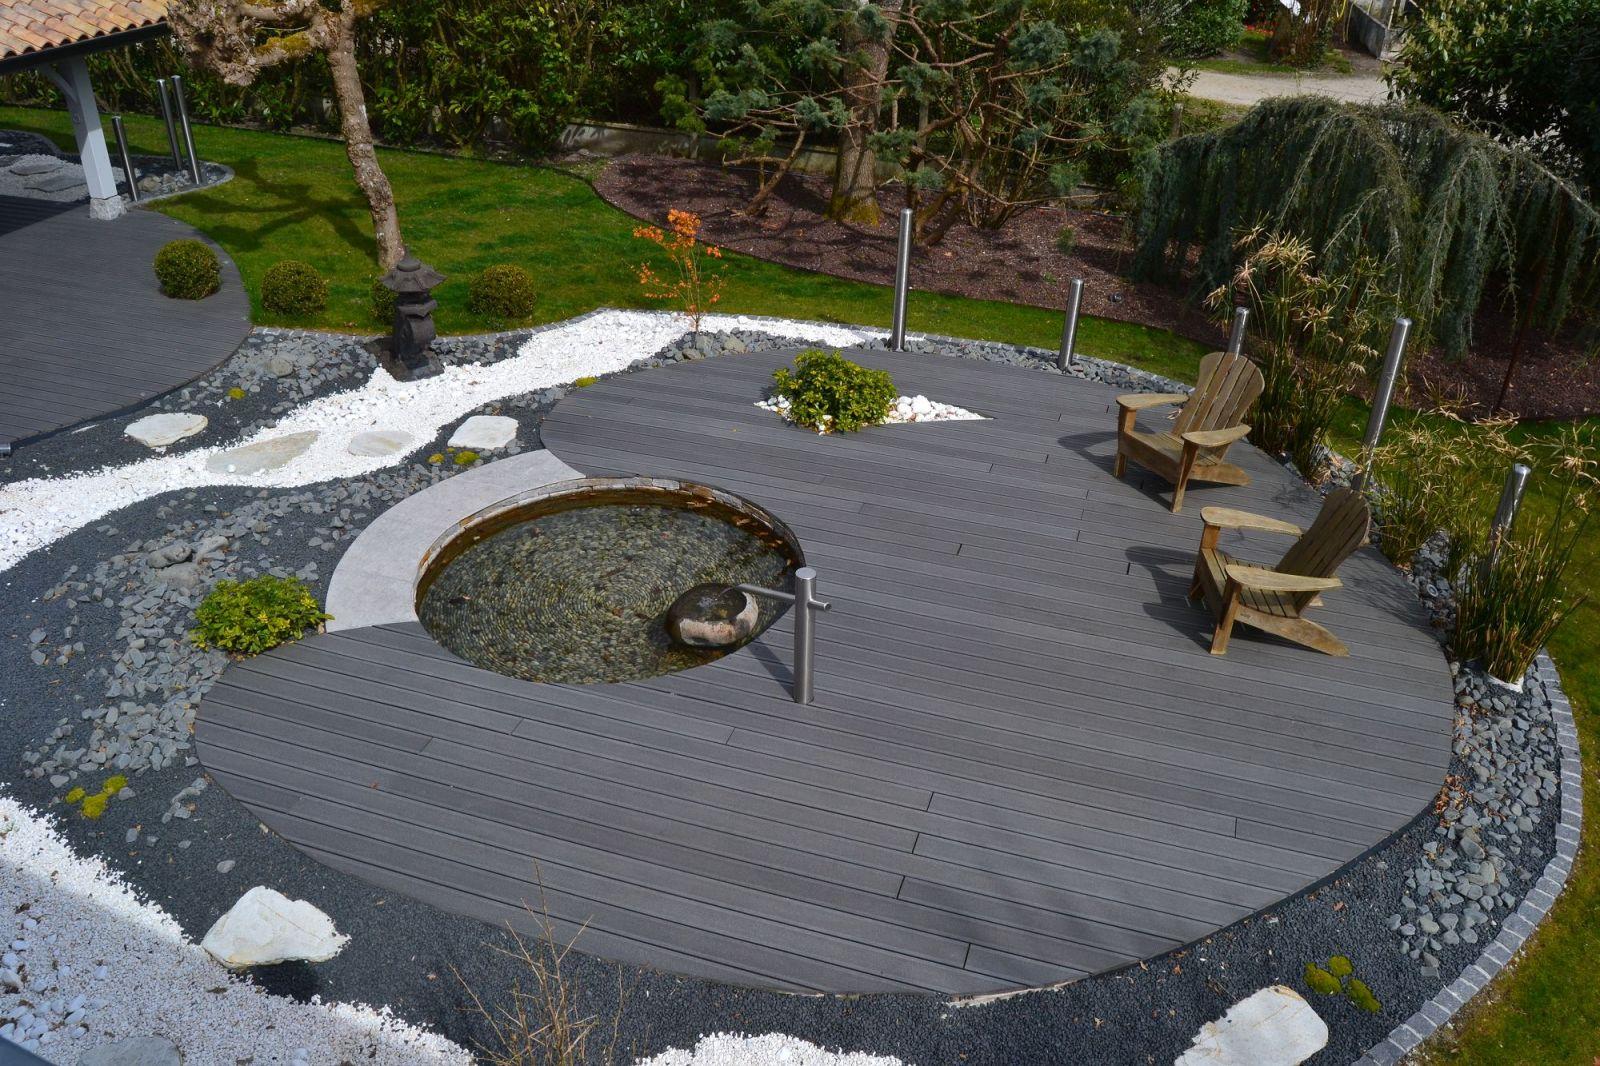 Conception Et Aménagement D'un Jardin Zen Par Un Paysagiste ... avec Decoration Jardin Zen Exterieur